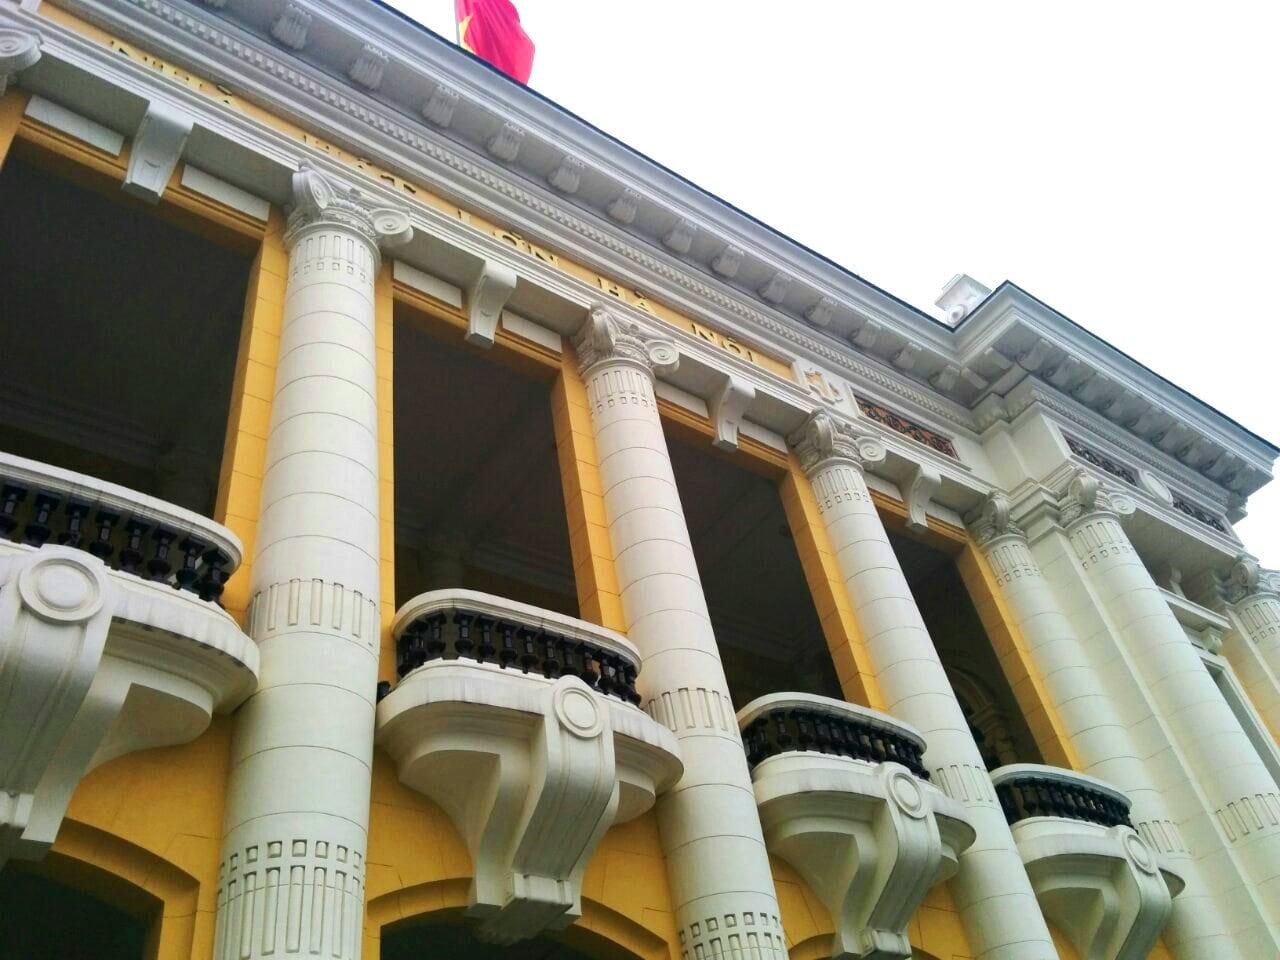 歴史に思いを馳せて回る!ハノイのフランス建築ツアー!